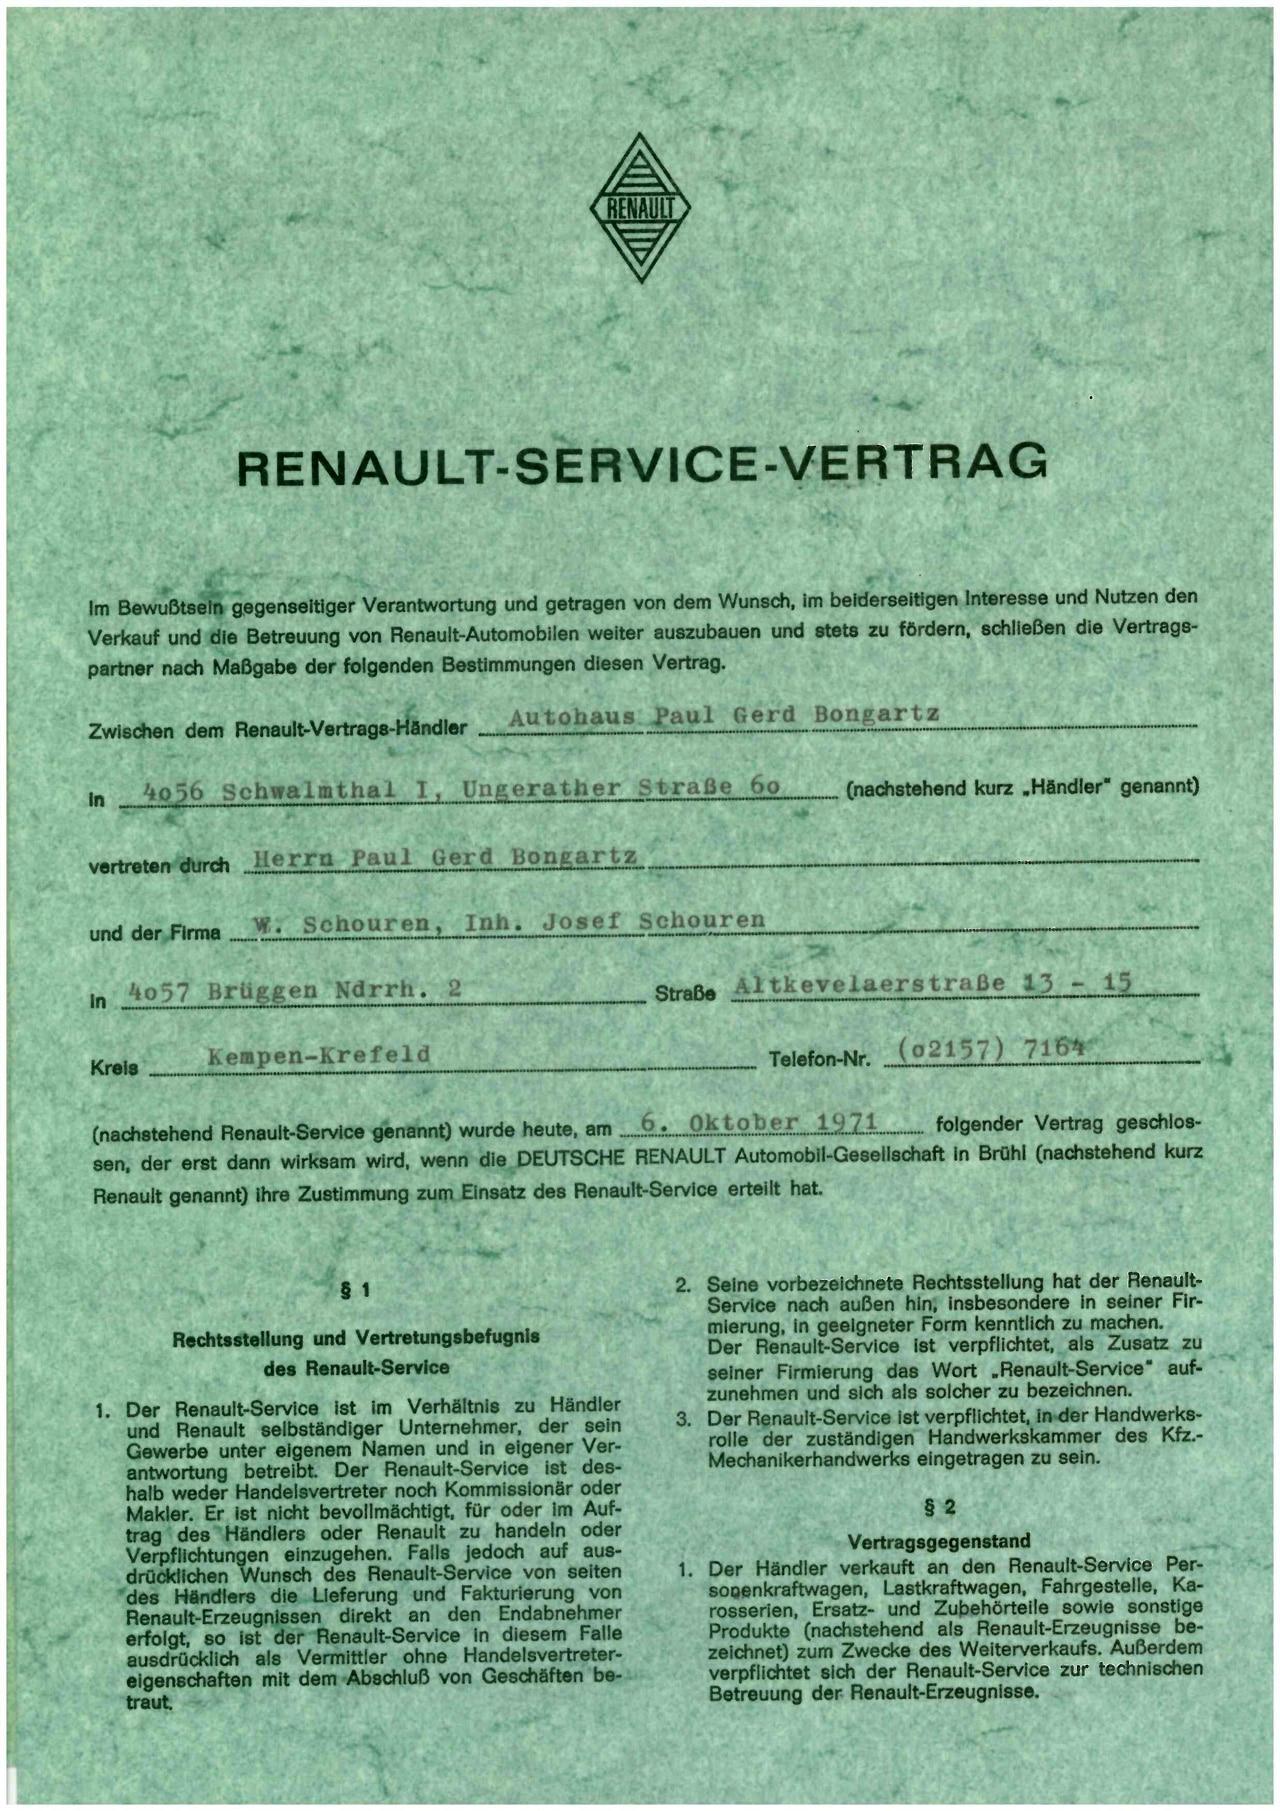 Es ist so weit: Josef Schouren kommt mit Renault ins Geschäft und erhält einen Händler Vertrag. 